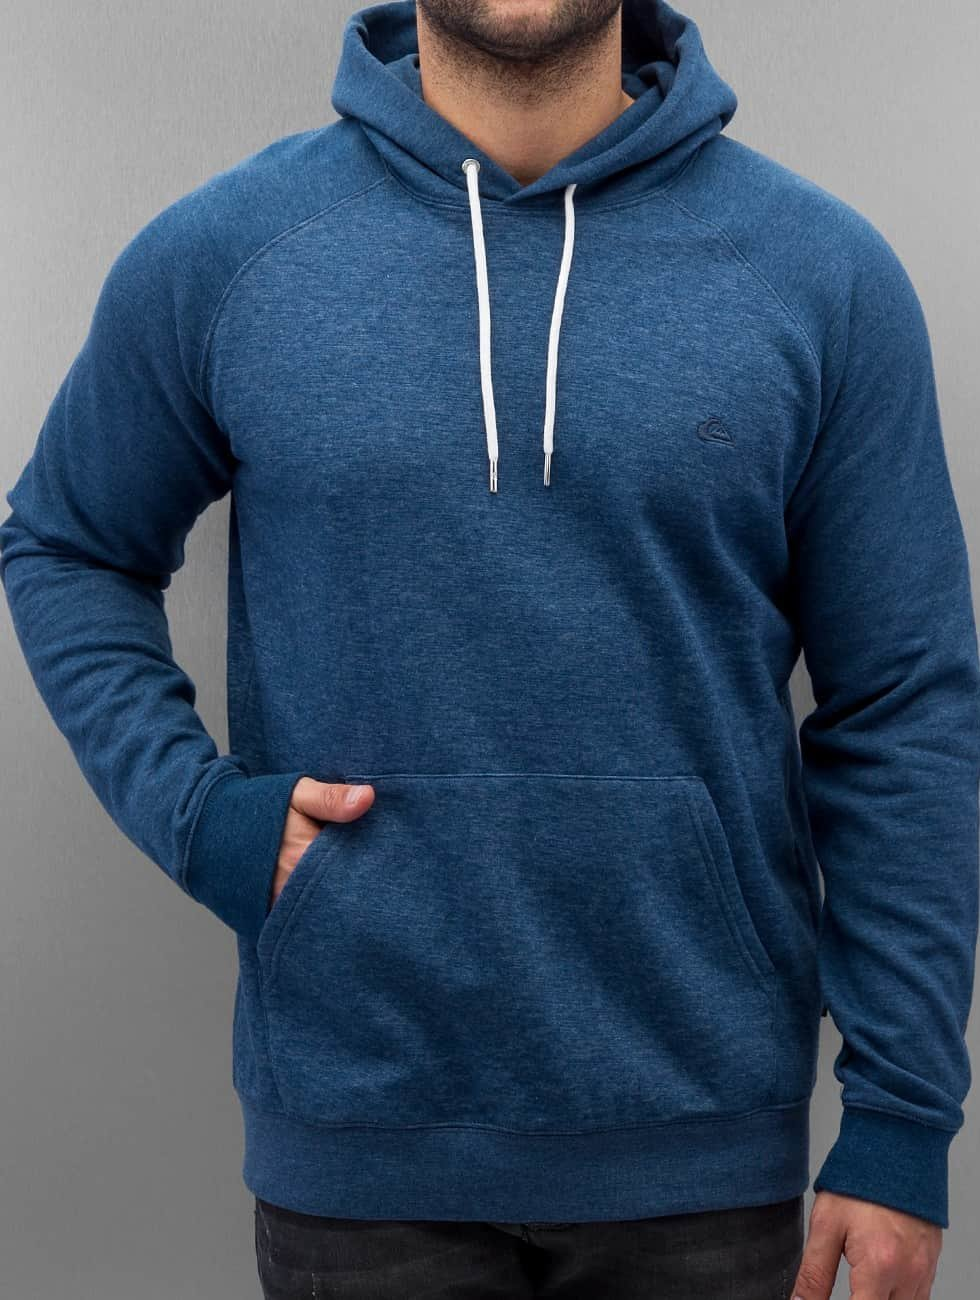 Quiksilver Hoodie Everyday blue